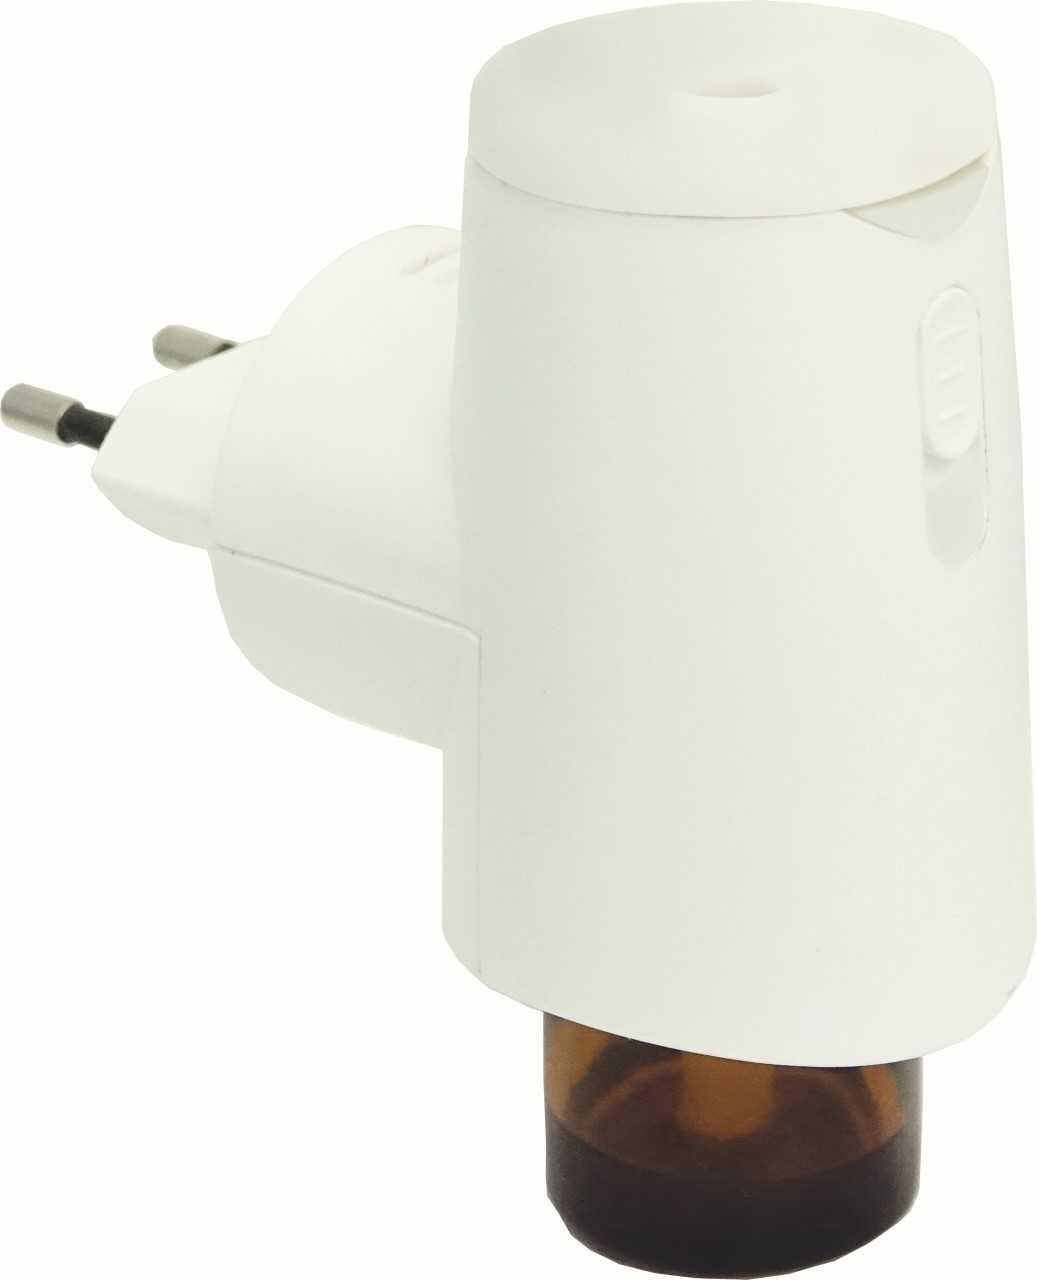 FLORAME Diffuseur prise d'huiles essentielles ultrasonique blanc